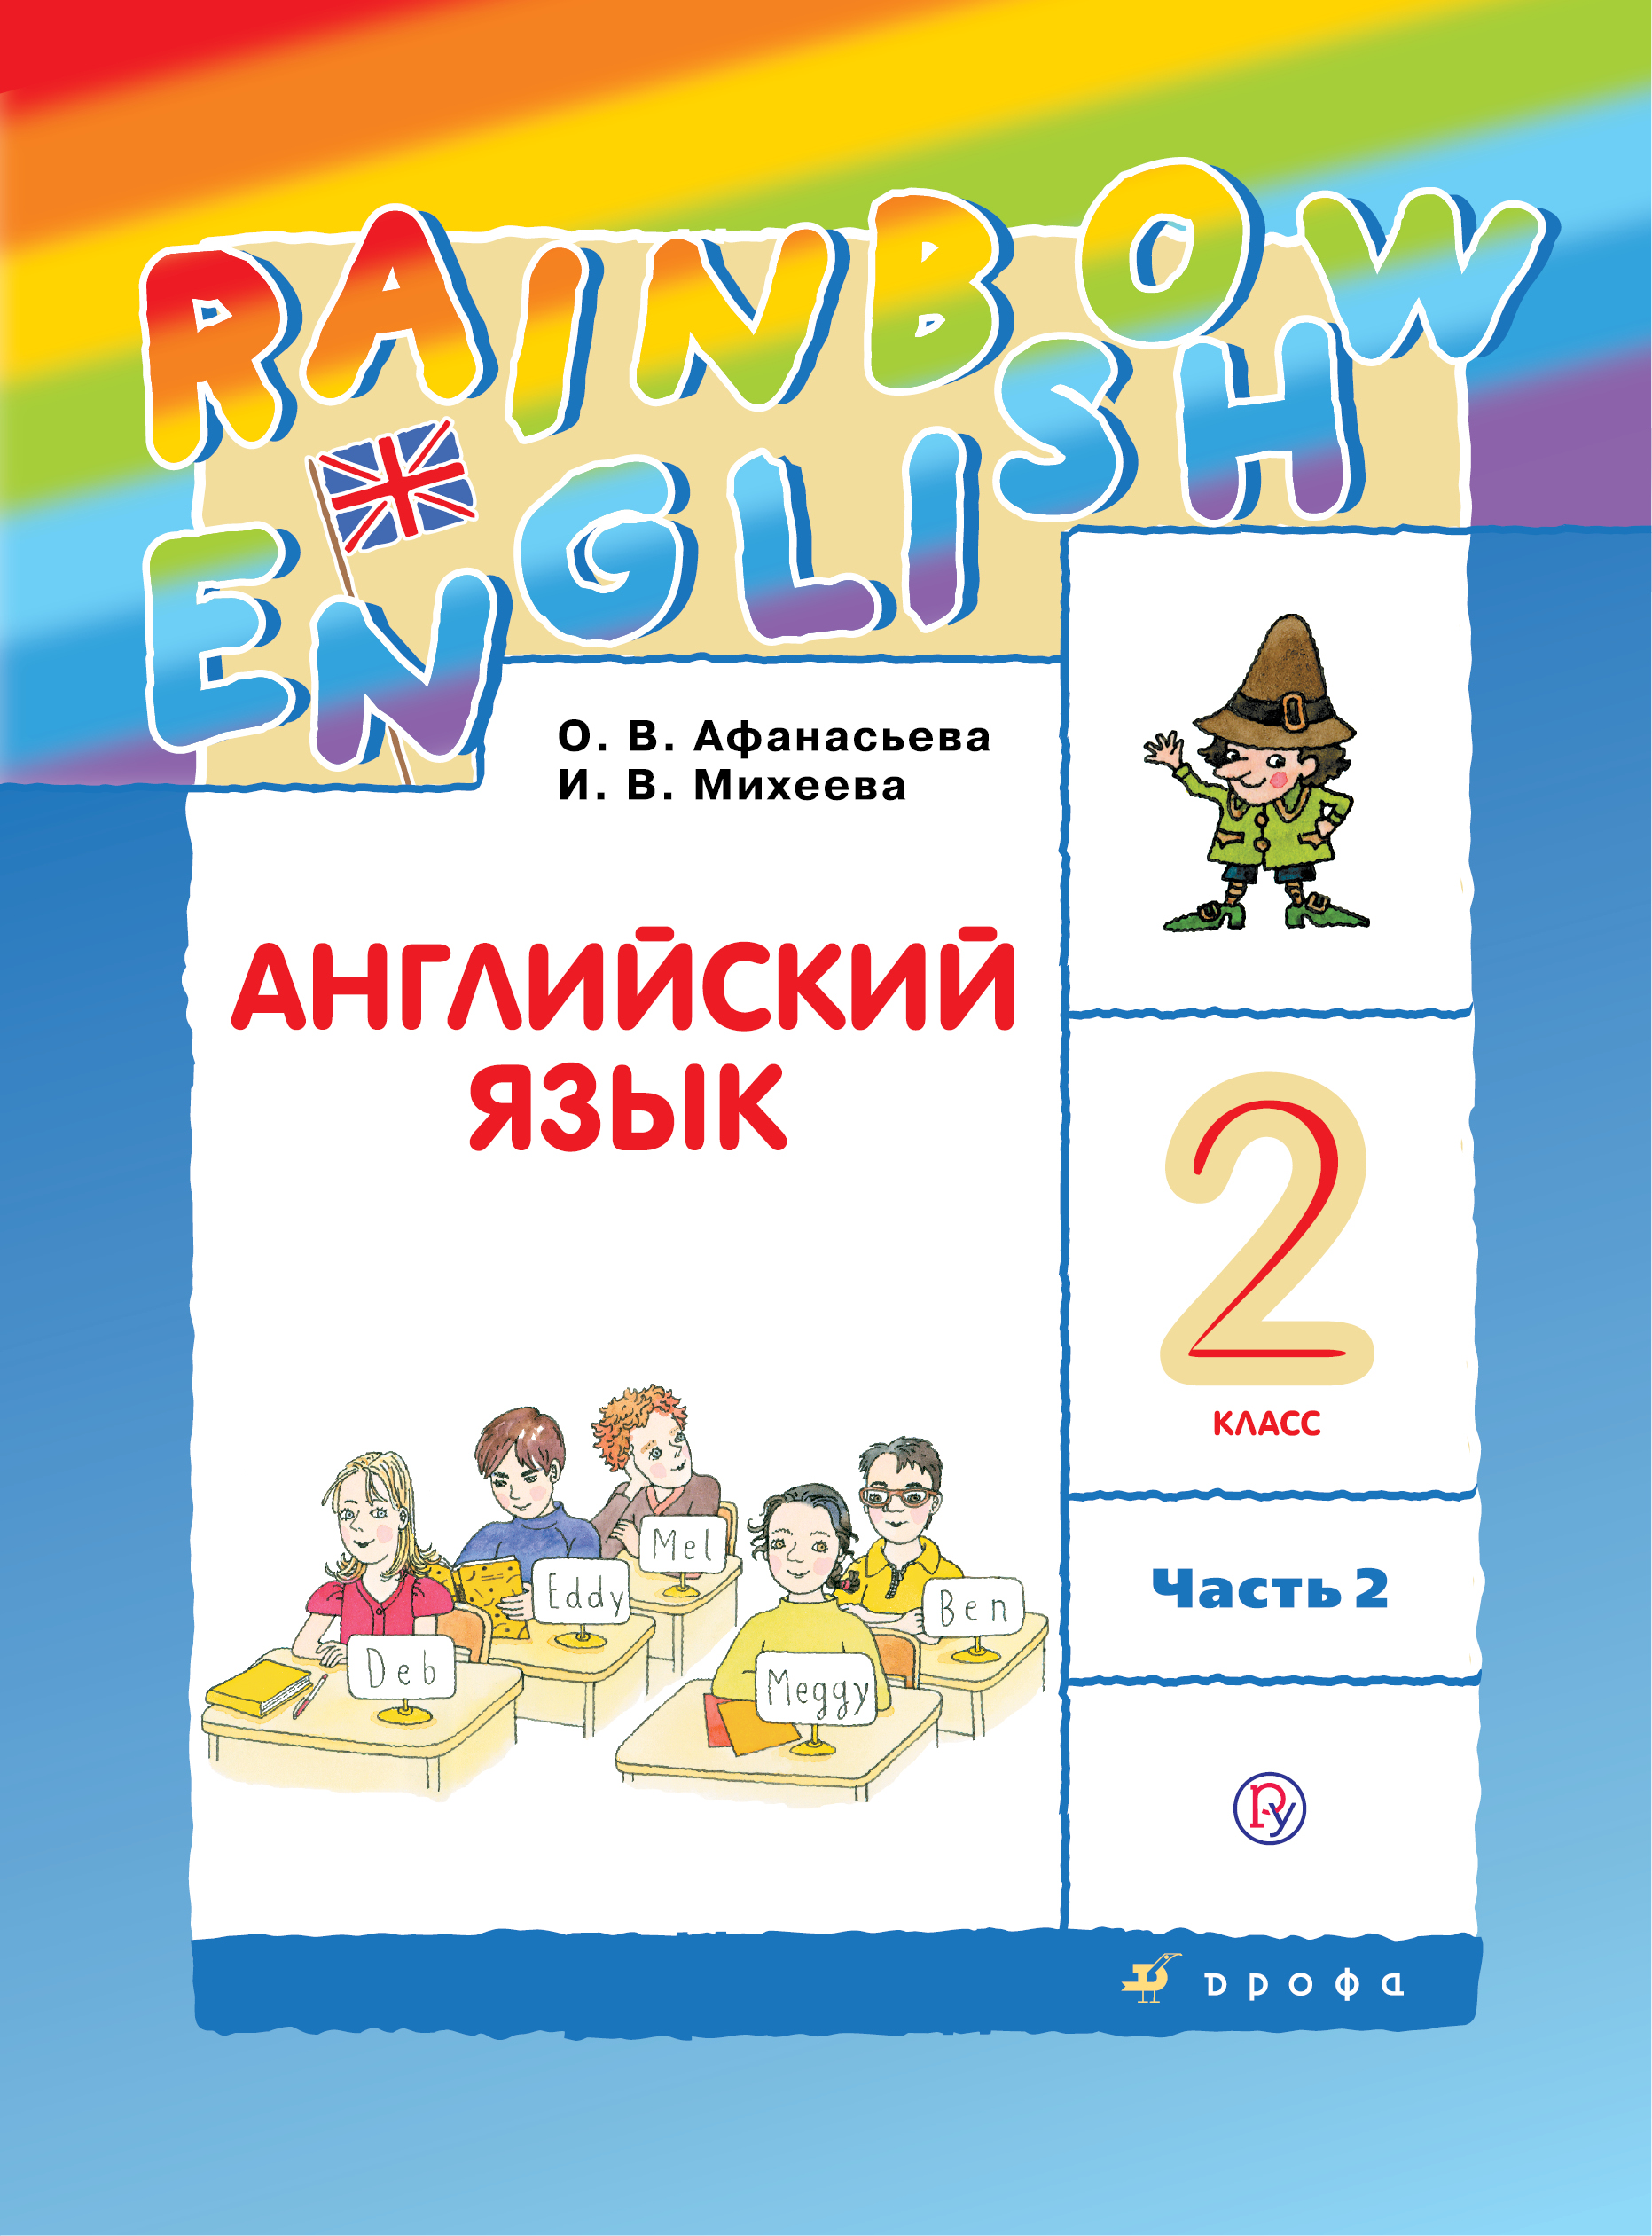 Афанасьева О.В., Михеева И.В. Английский язык. 2 класс. Учебник в 2-х частях. Часть 2